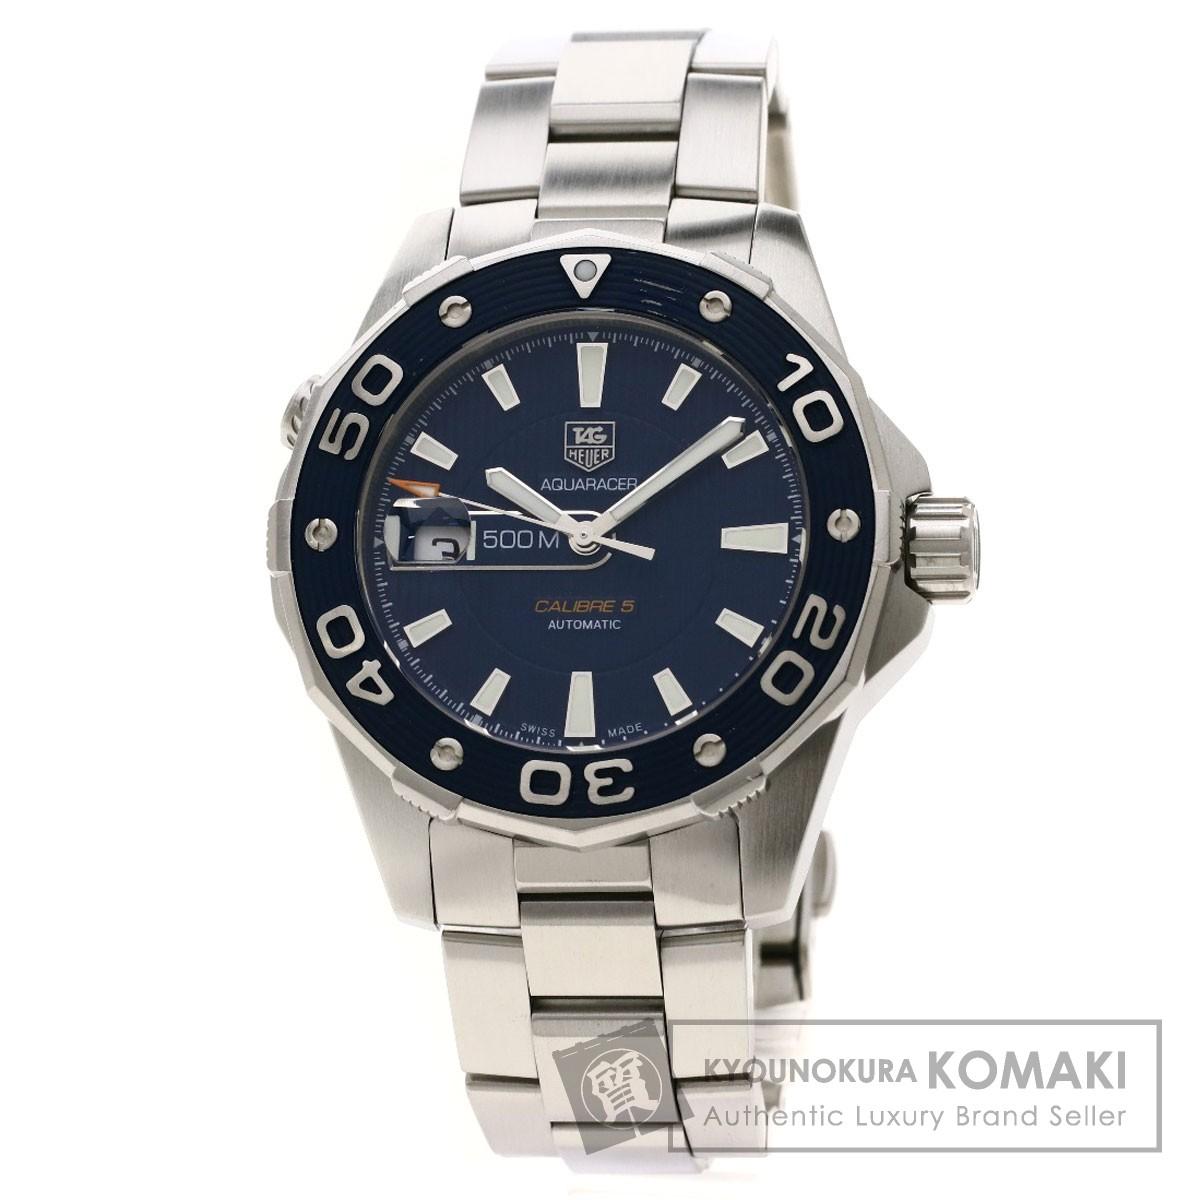 タグホイヤー WAJ2112 アクアレーサー 腕時計 ステンレススチール/SS メンズ 【中古】【TAG HEUER】